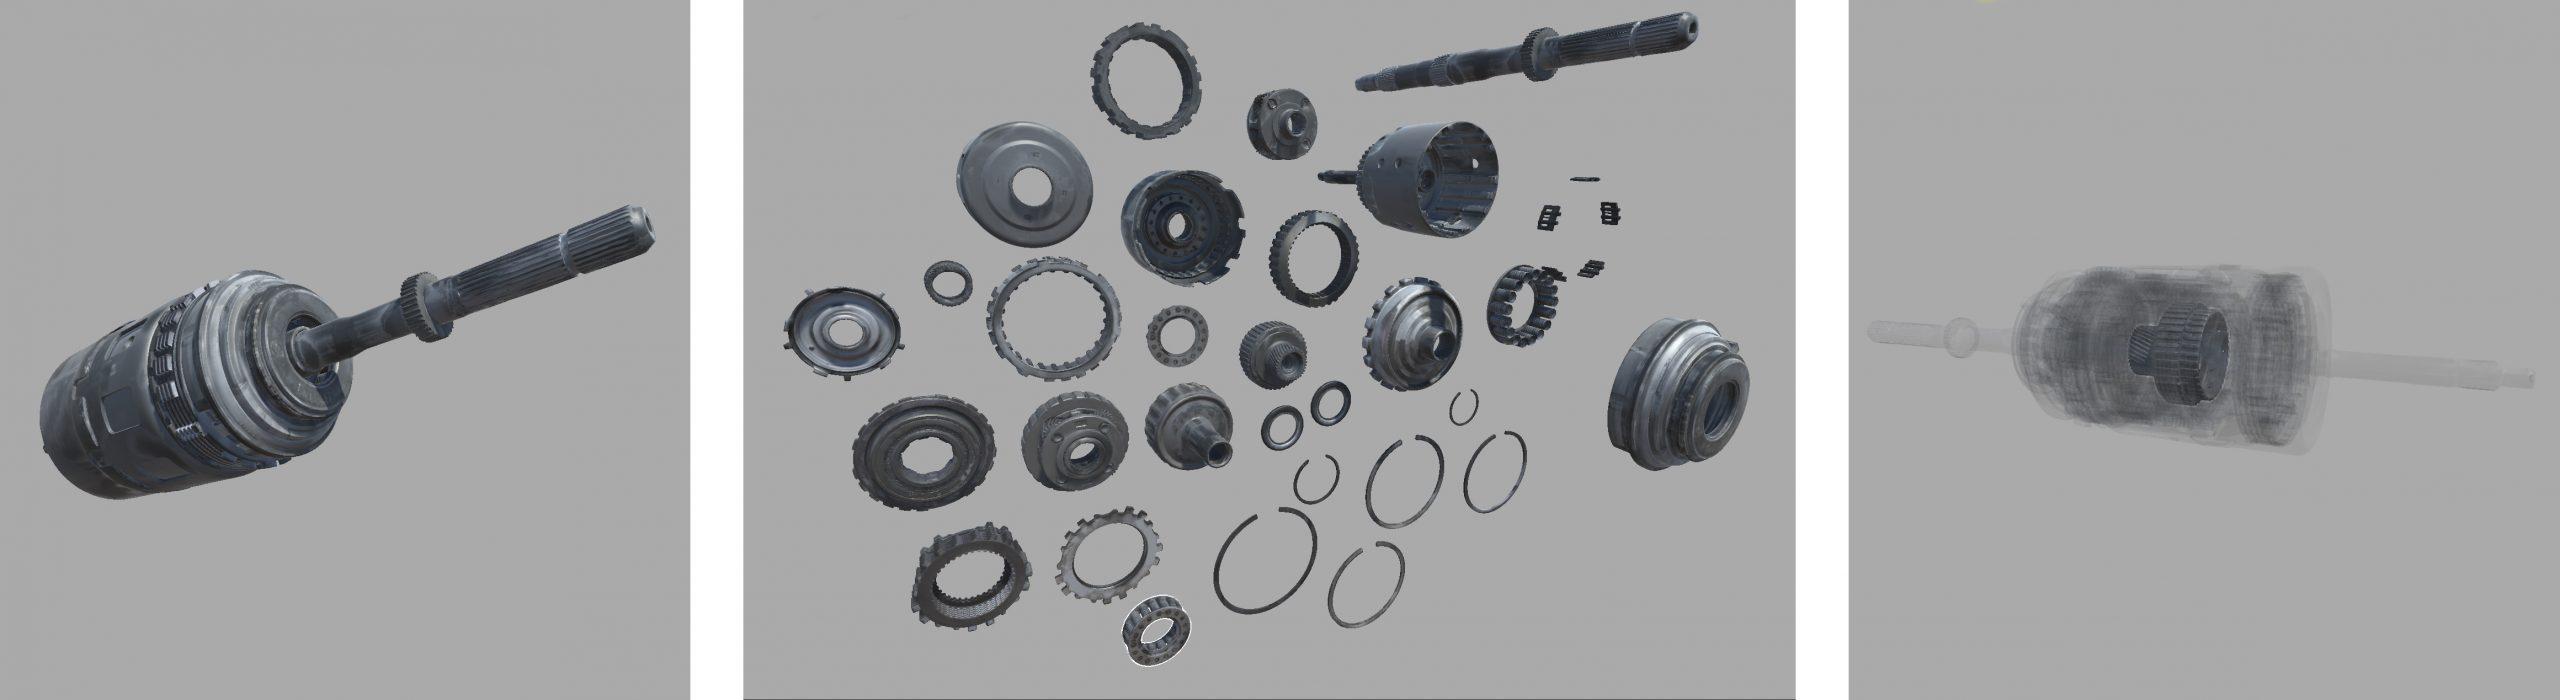 3d parts of a automotive transmission